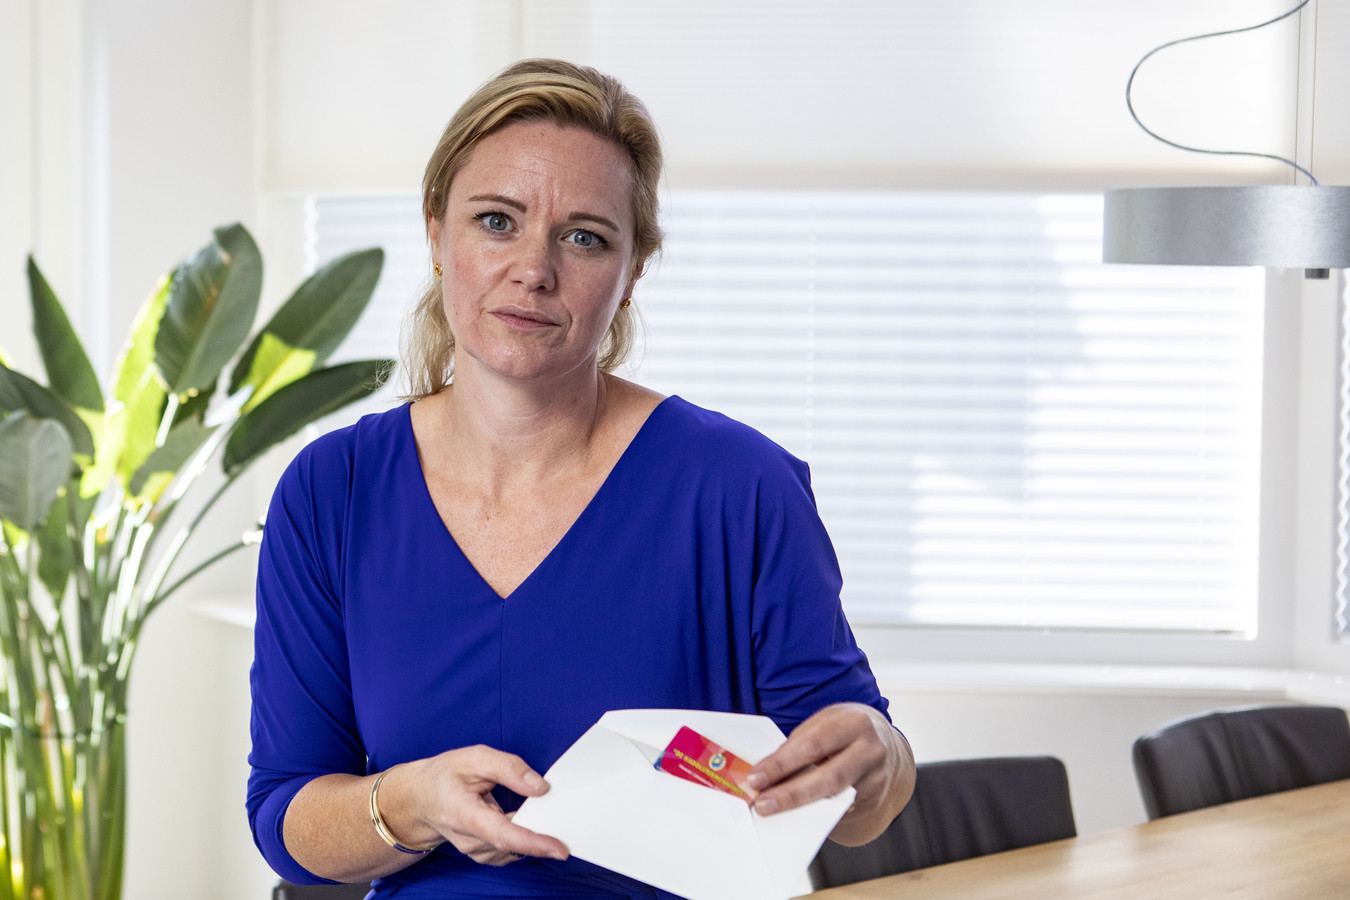 """Evelien Morriën schuift symbolisch haar ledenpas in een envelop. """"Mocht de deur voor vrouwen geopend worden dan meld ik mij direct weer aan als lid."""""""